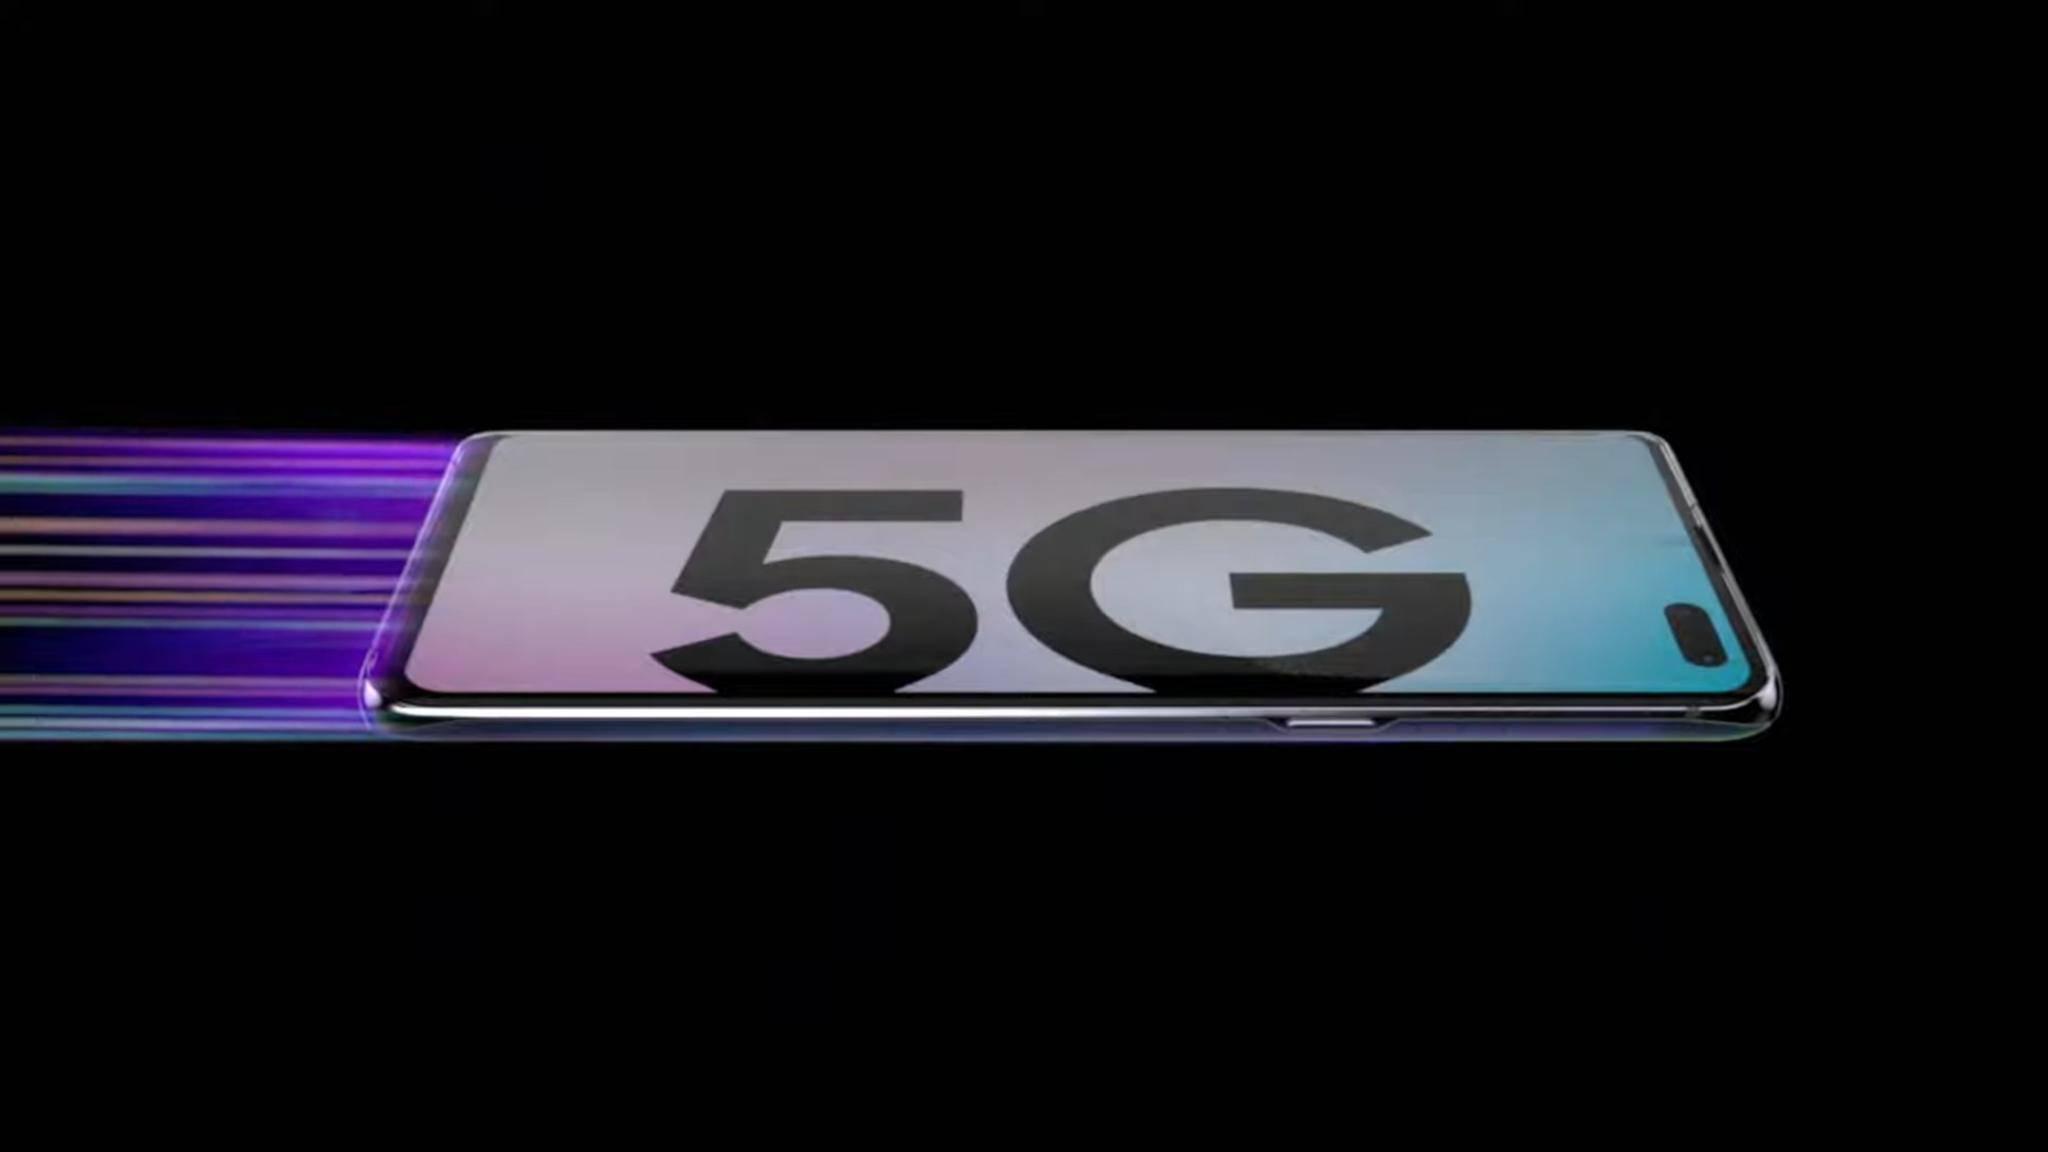 Galaxy S10 5G überhitzt im 5G-Betrieb und schaltet auf LTE zurück